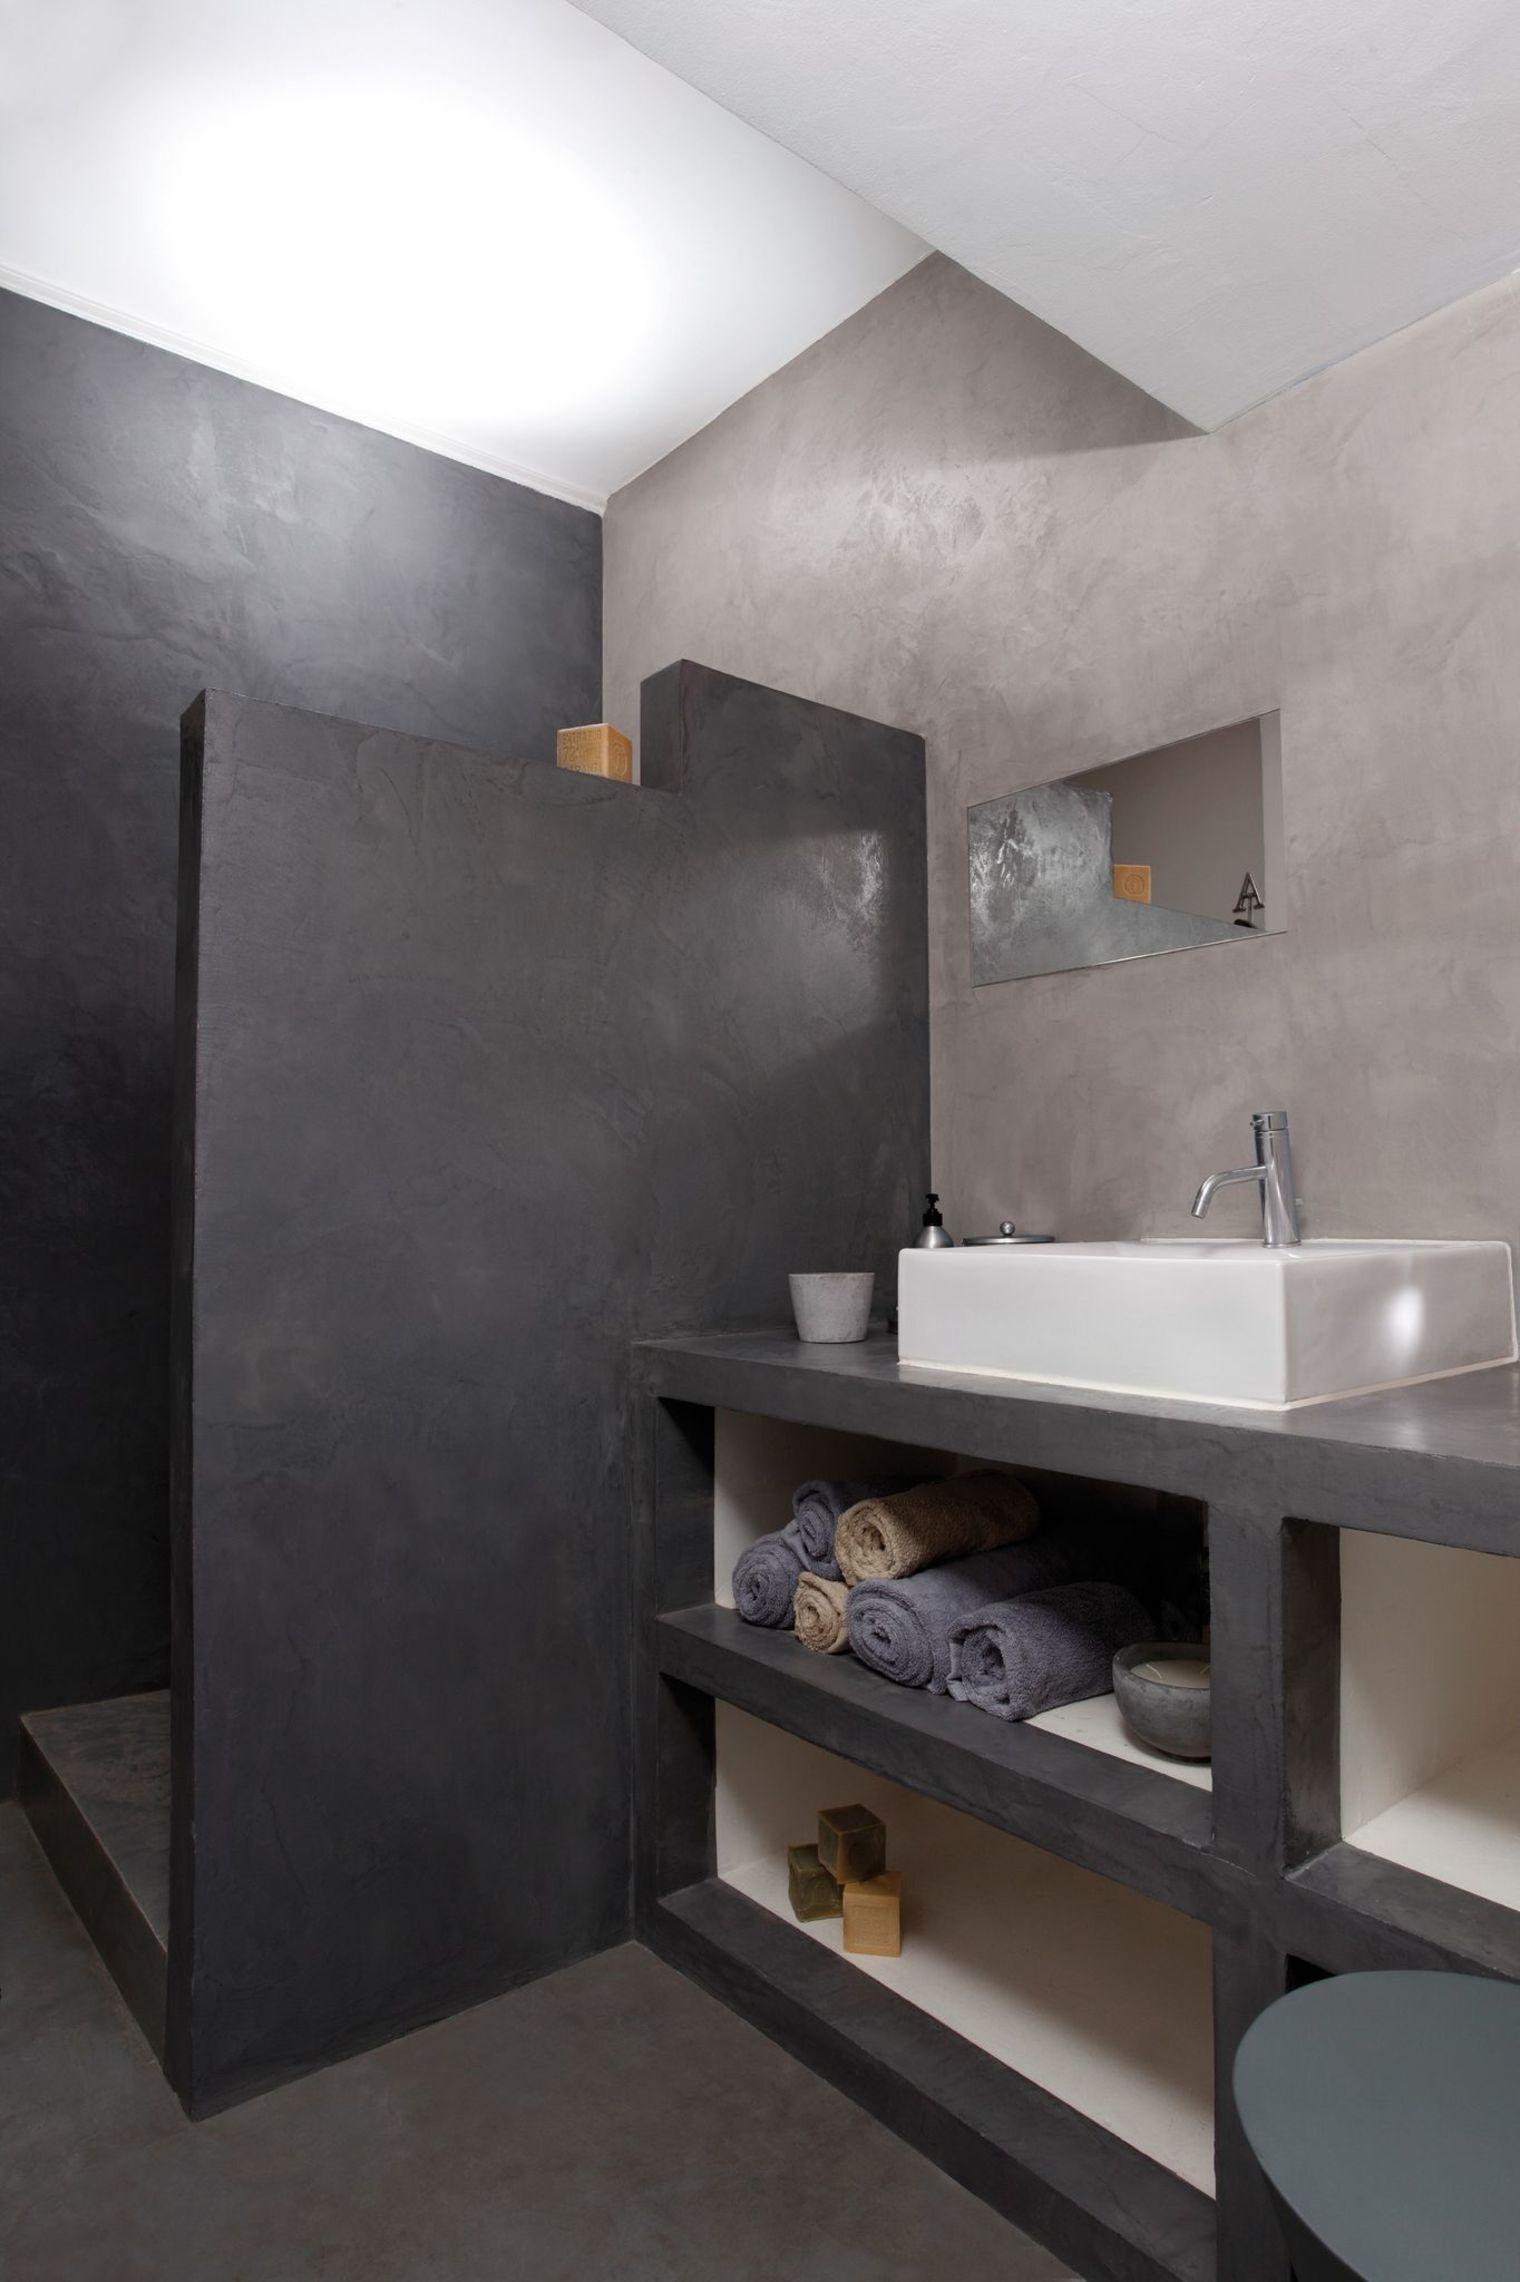 Petite salle de bain douche italienne for Plan salle de bains